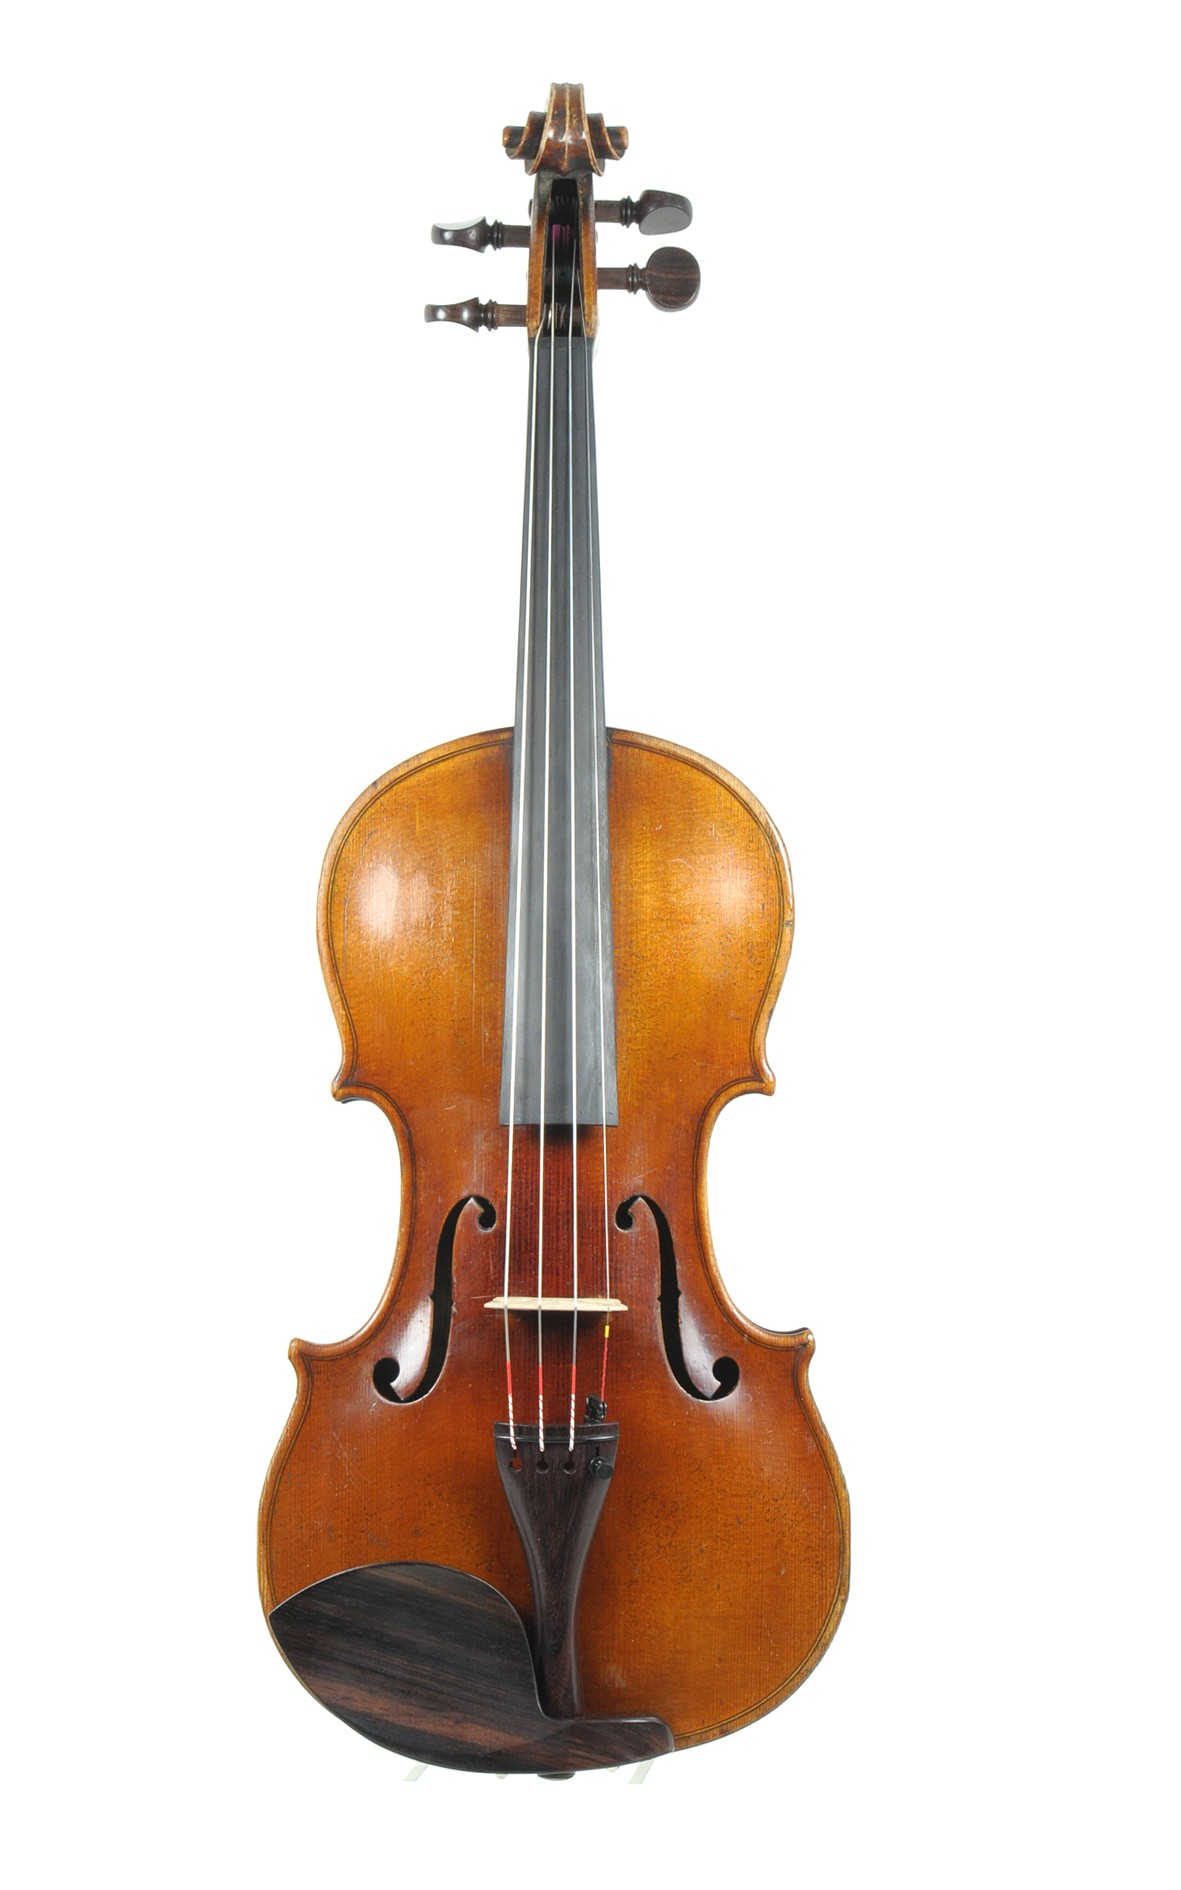 German violin, labelled Karl Niedt